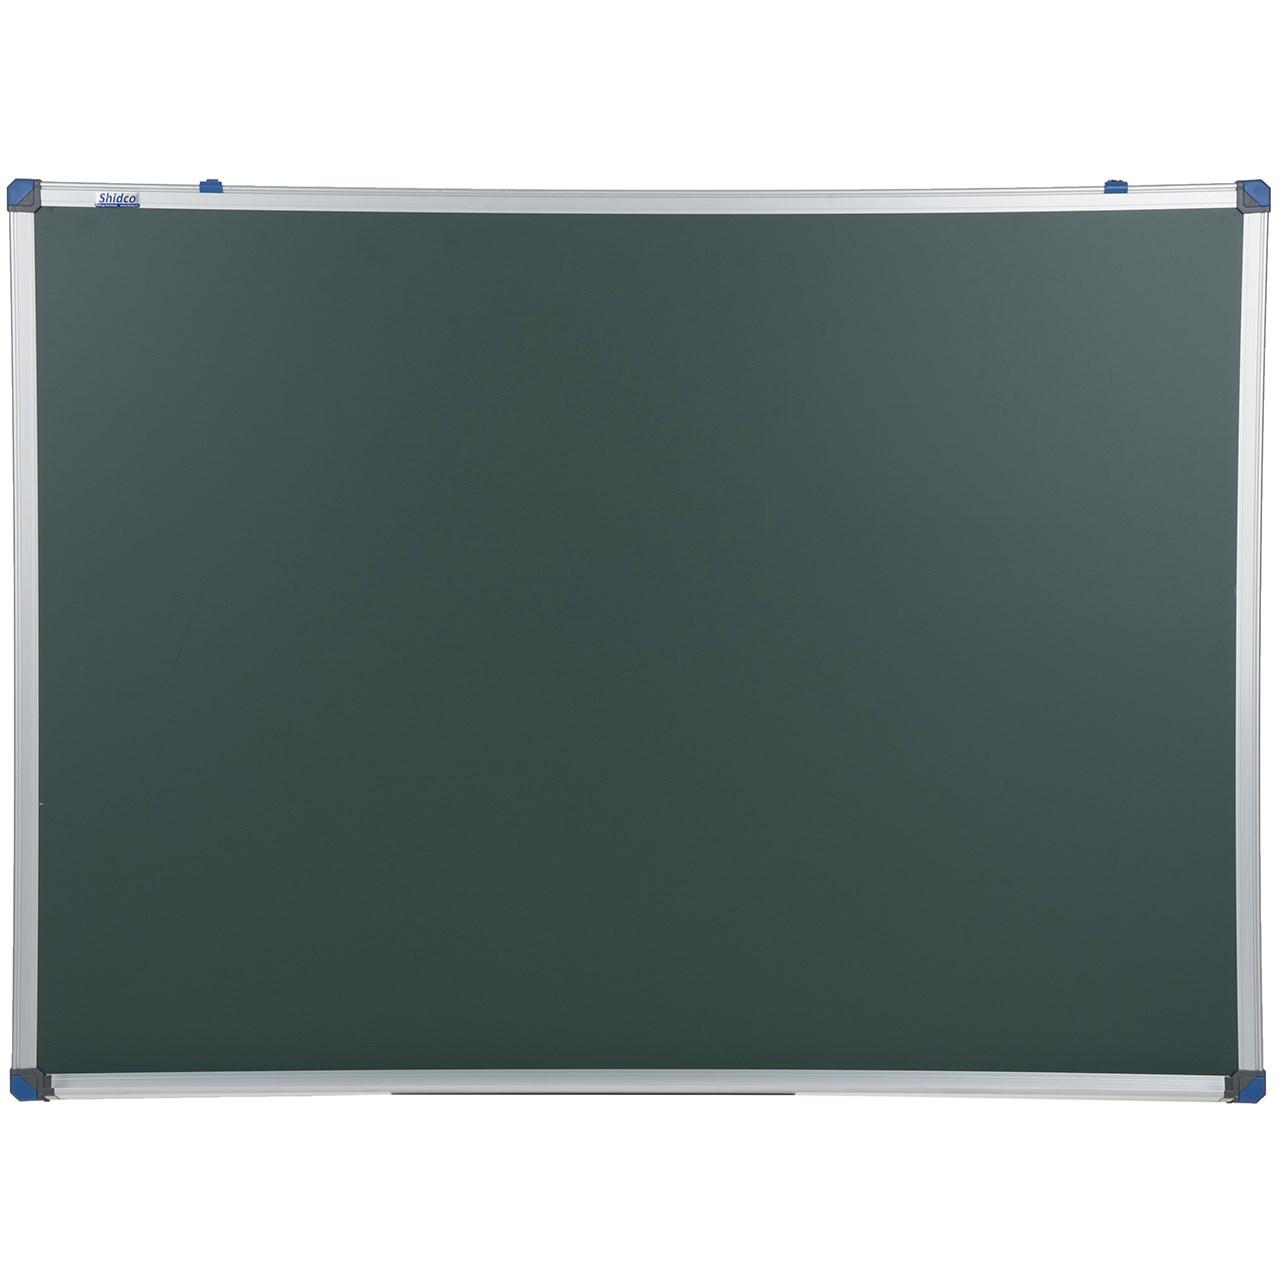 تخته گرین برد شیدکو مدل آلفا سایز 120×90 سانتیمتر